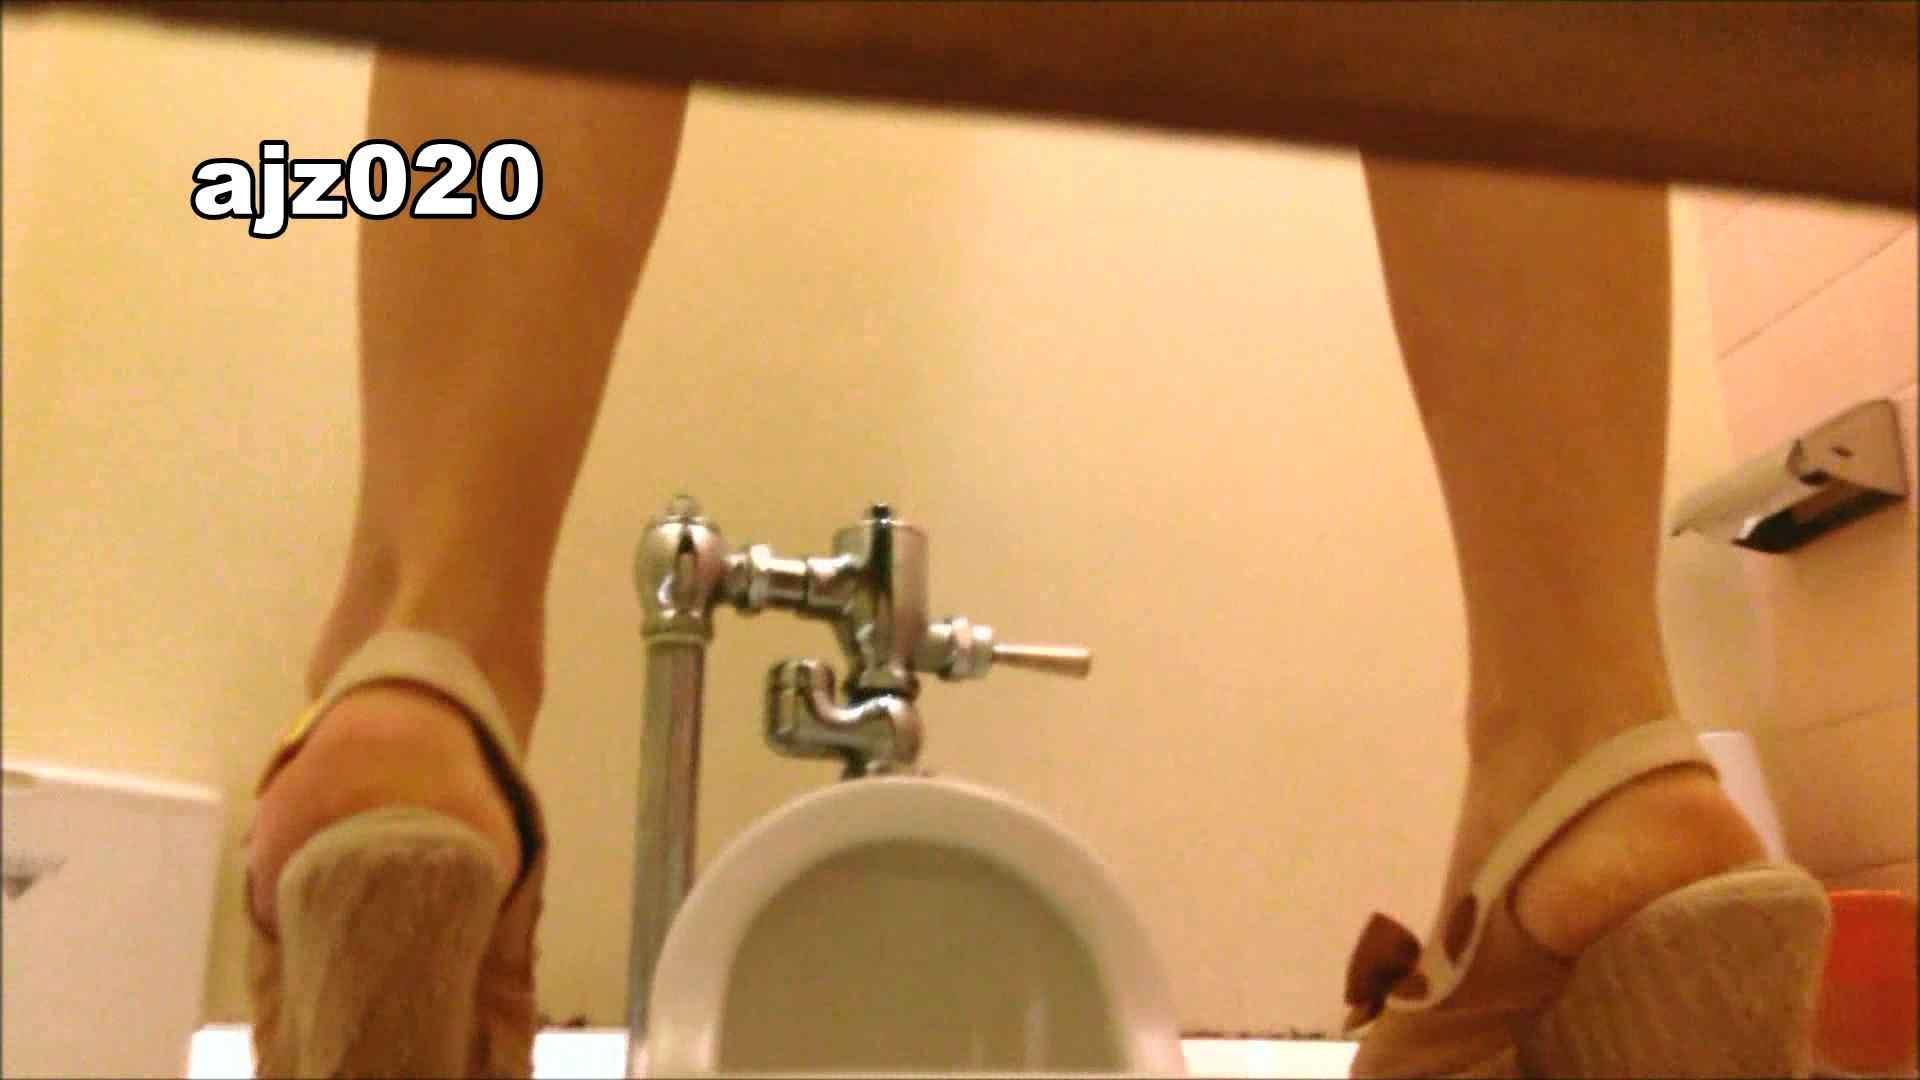 ハメ撮り|某有名大学女性洗面所 vol.20|怪盗ジョーカー